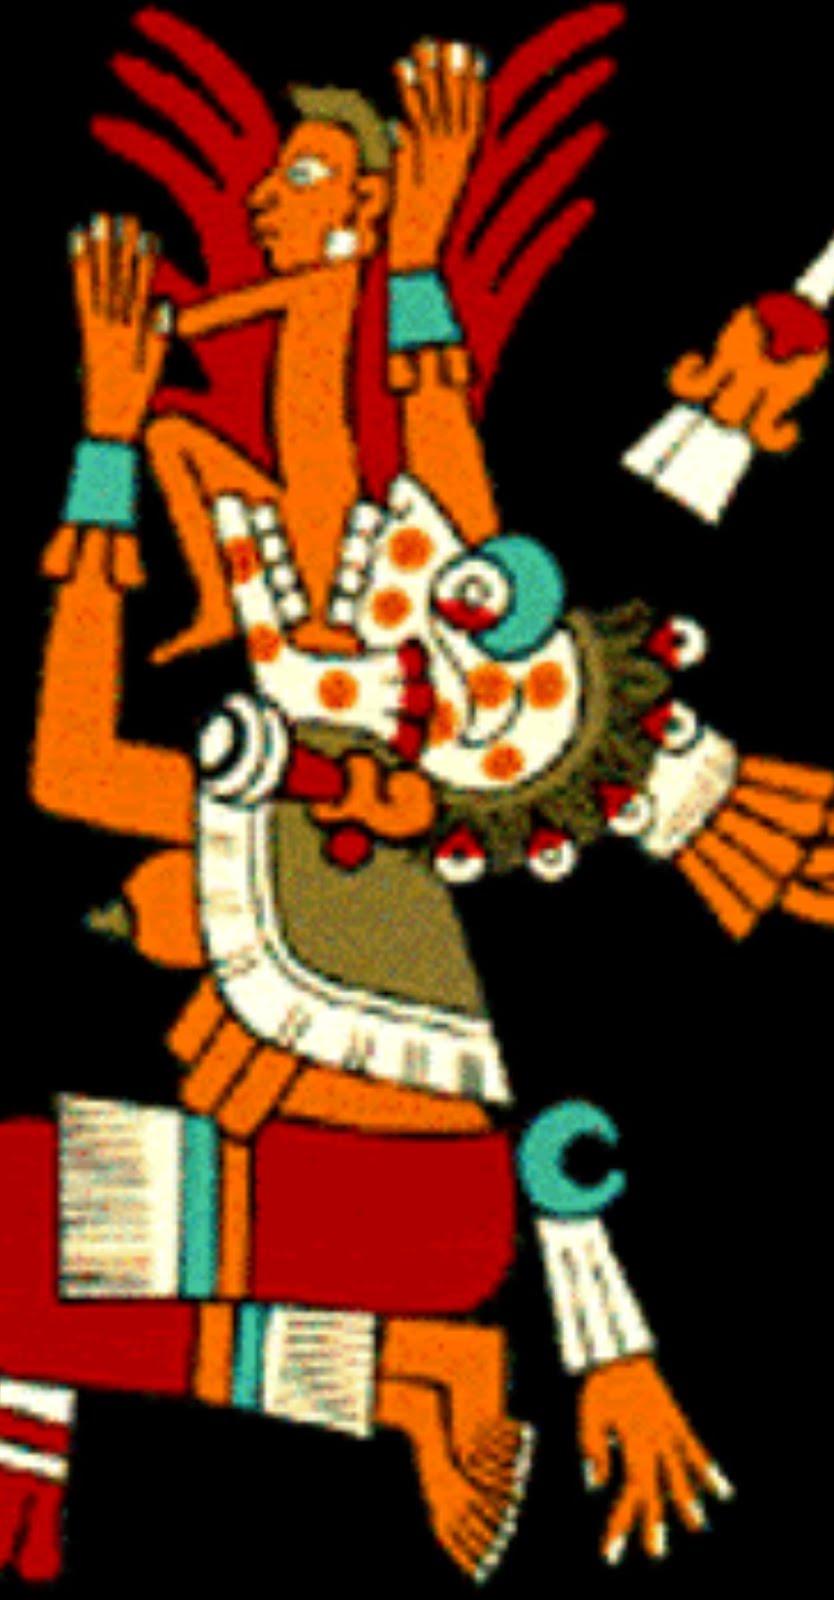 La Mictlancihuatl y el origen de los xochimilca